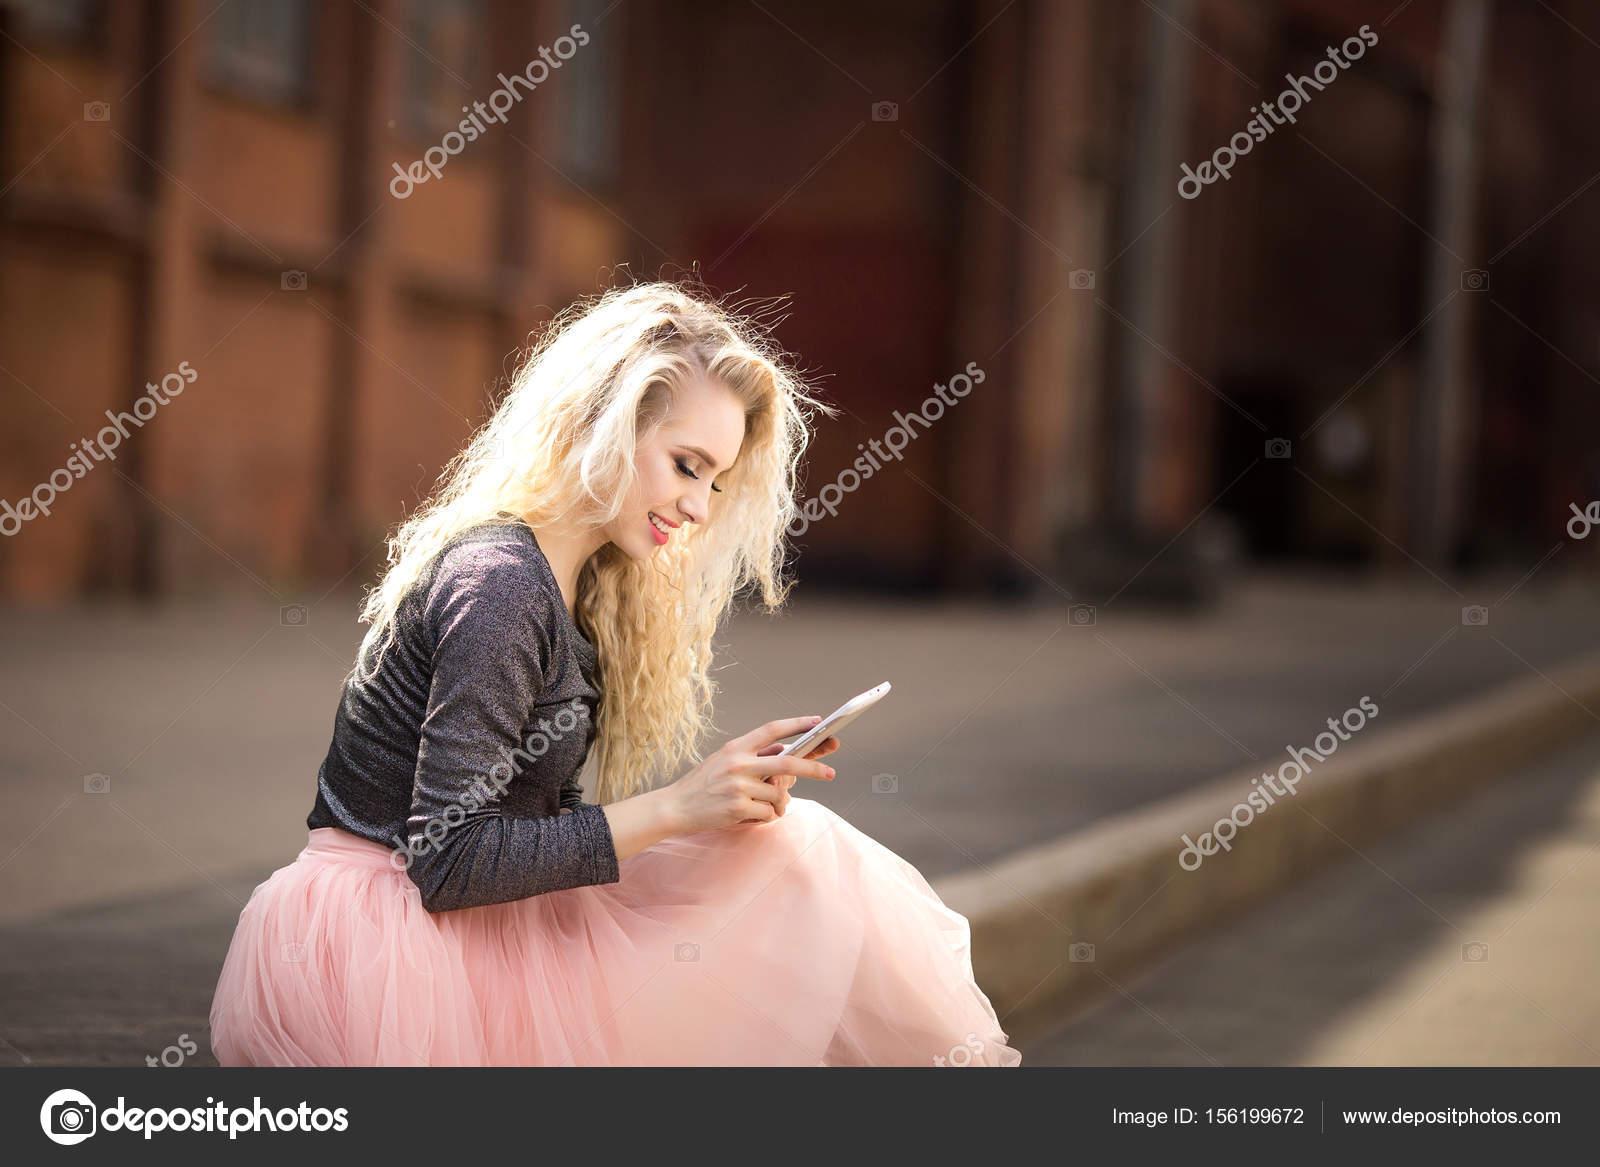 Suche Schöne Bilder schöne mädchen auf der suche in das telefon stockfoto anasteisha